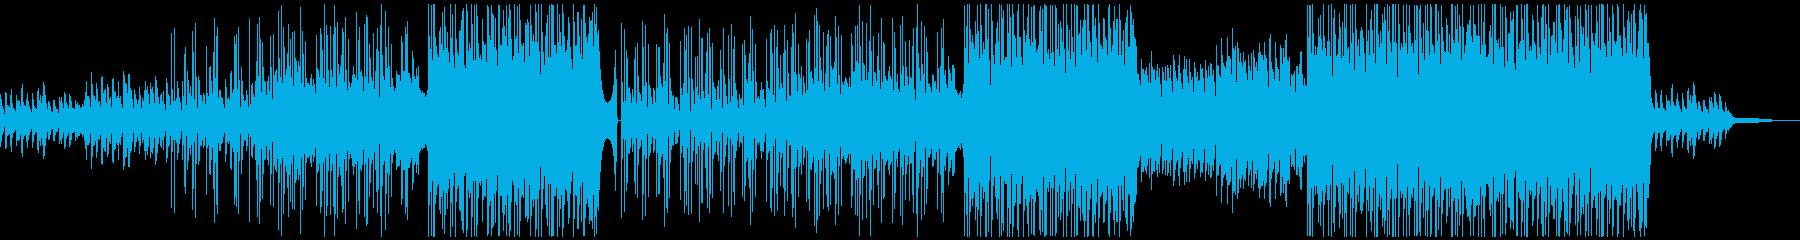 牧歌的なギターポップ/カントリー風BGMの再生済みの波形